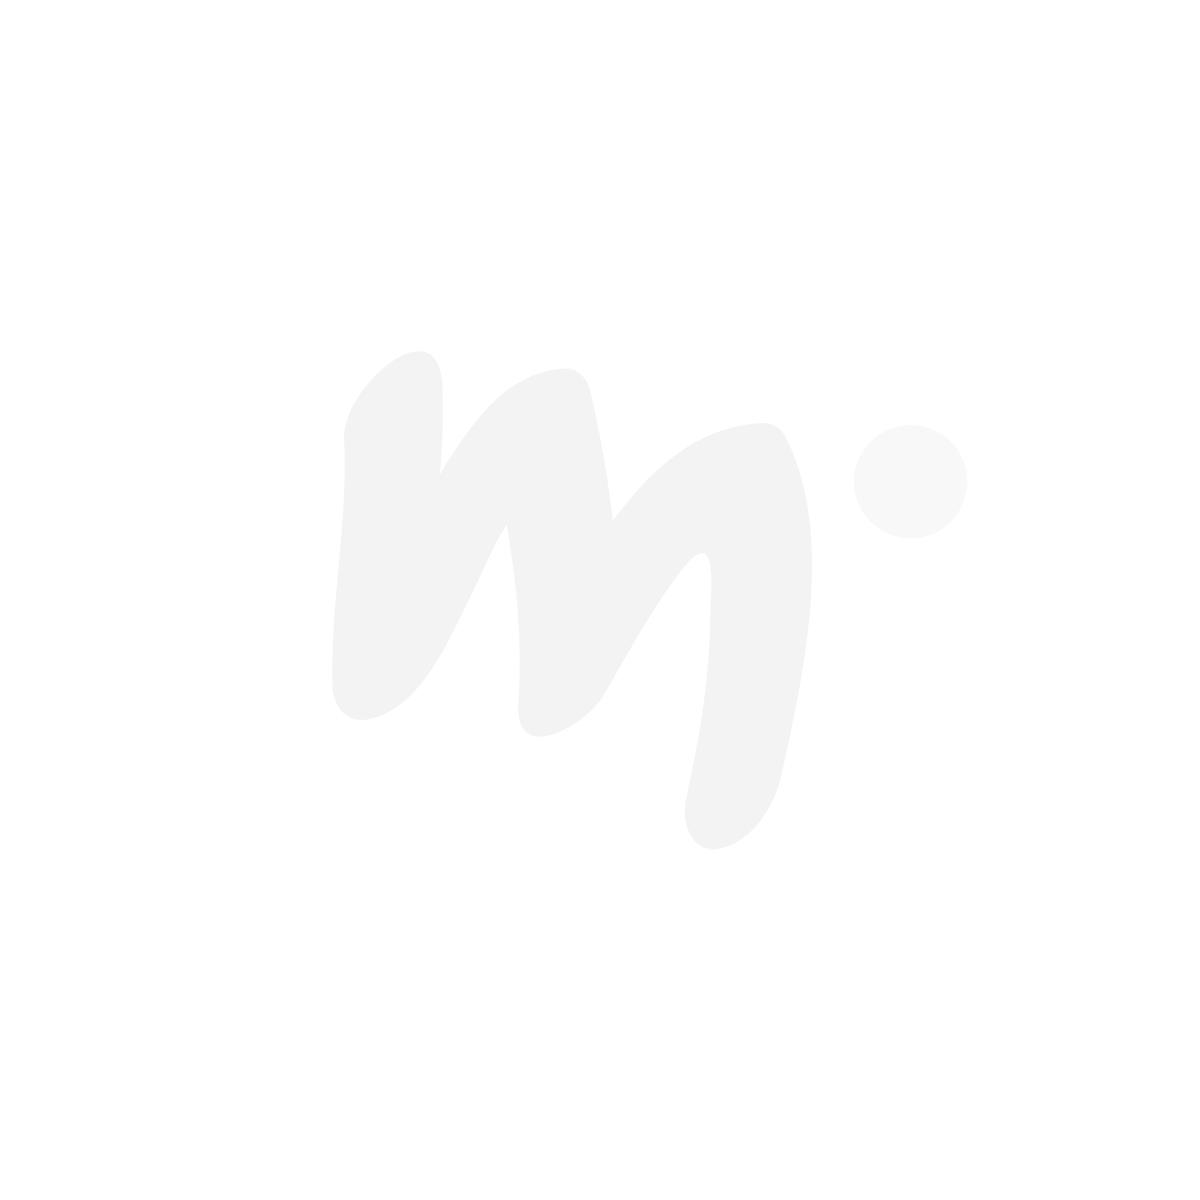 Peppi Pitkätossu Pilkukas-mekko mustavalkoinen